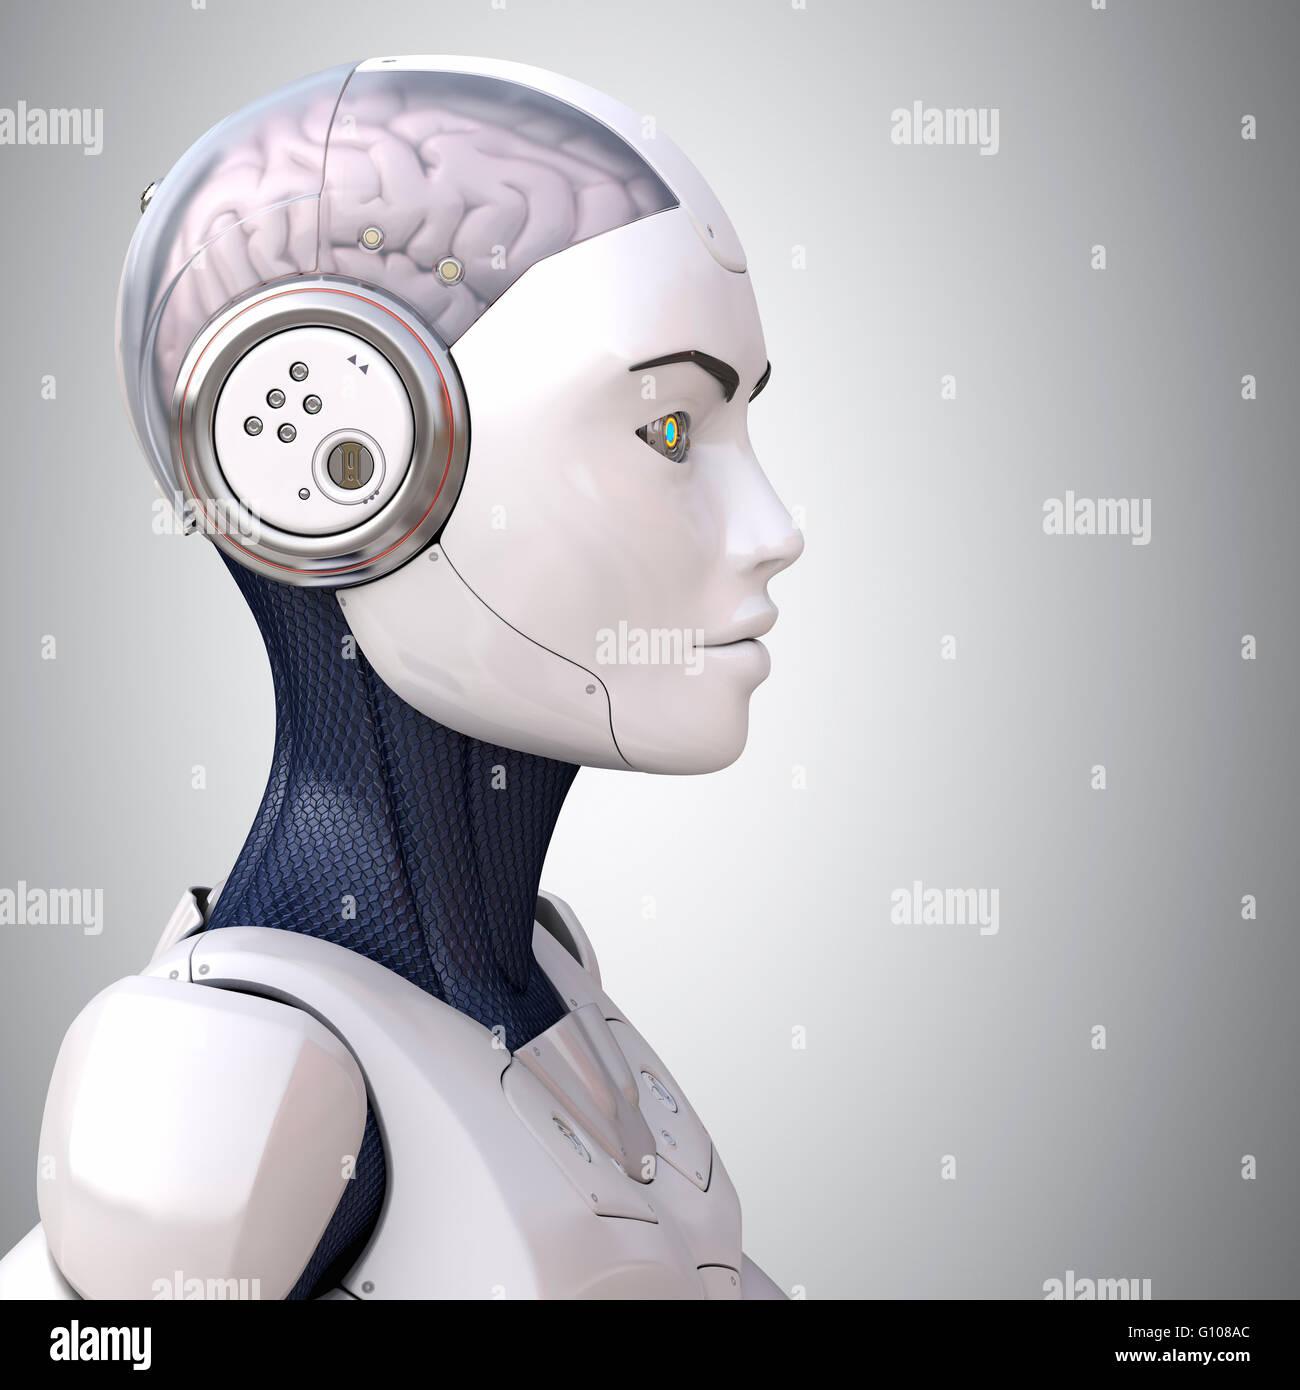 Il Robot la testa in profilo Immagini Stock